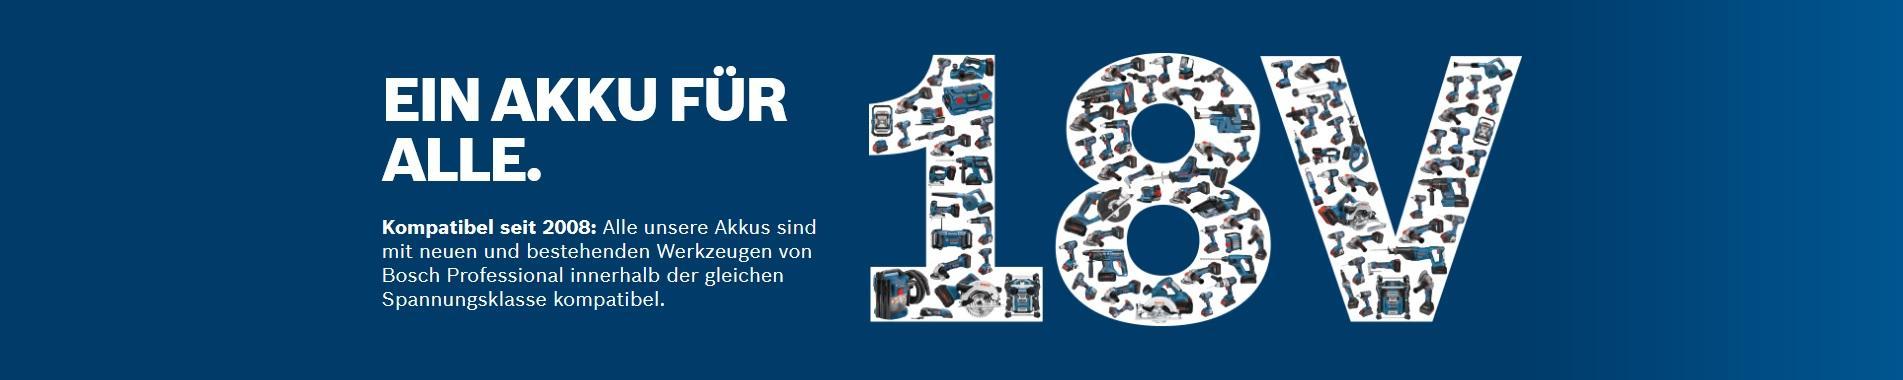 Bosch Professional 18v Gartengeräte